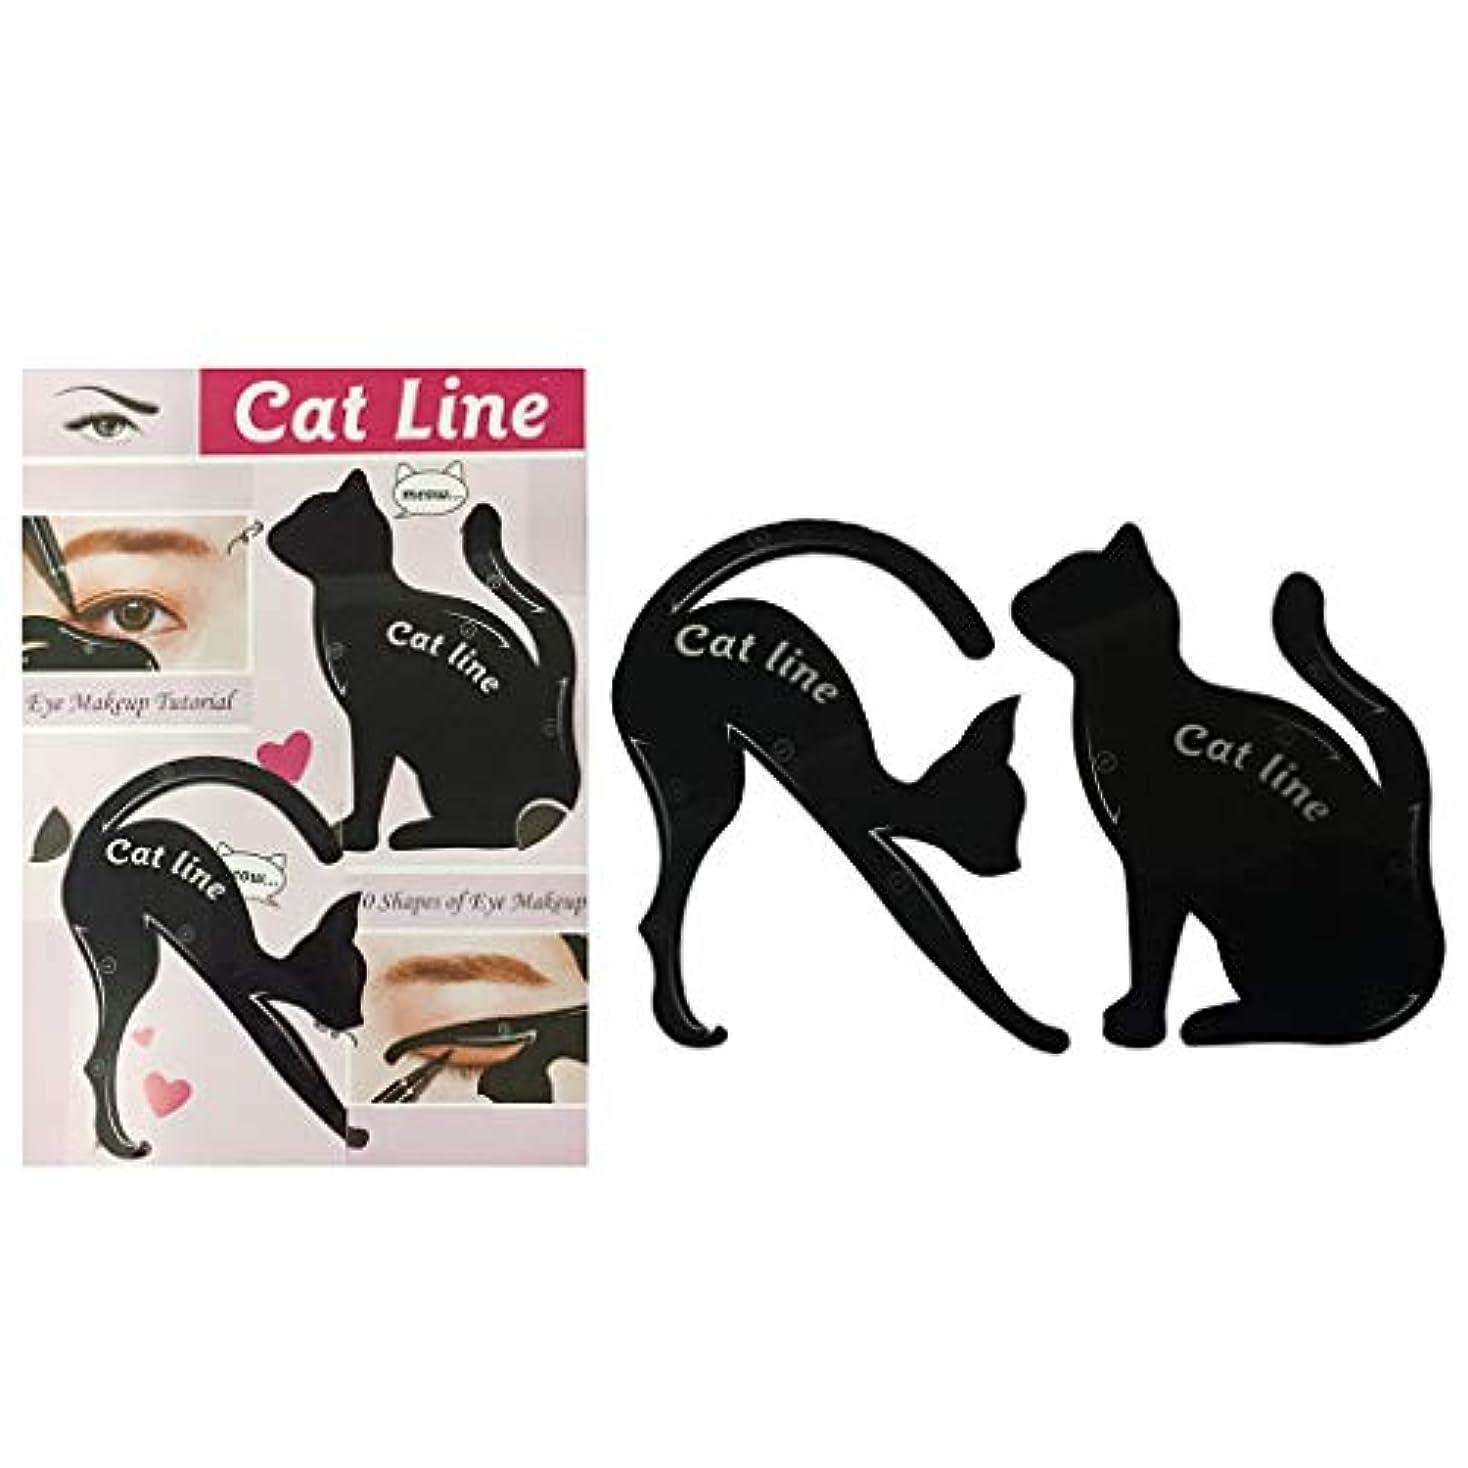 突っ込む明るくするリスキーなKimyuo 2ピースアイライナーデッサン猫形状テンプレートカードファッション化粧品ツールキットスモーキー猫目メイクアクセサリー初心者使用